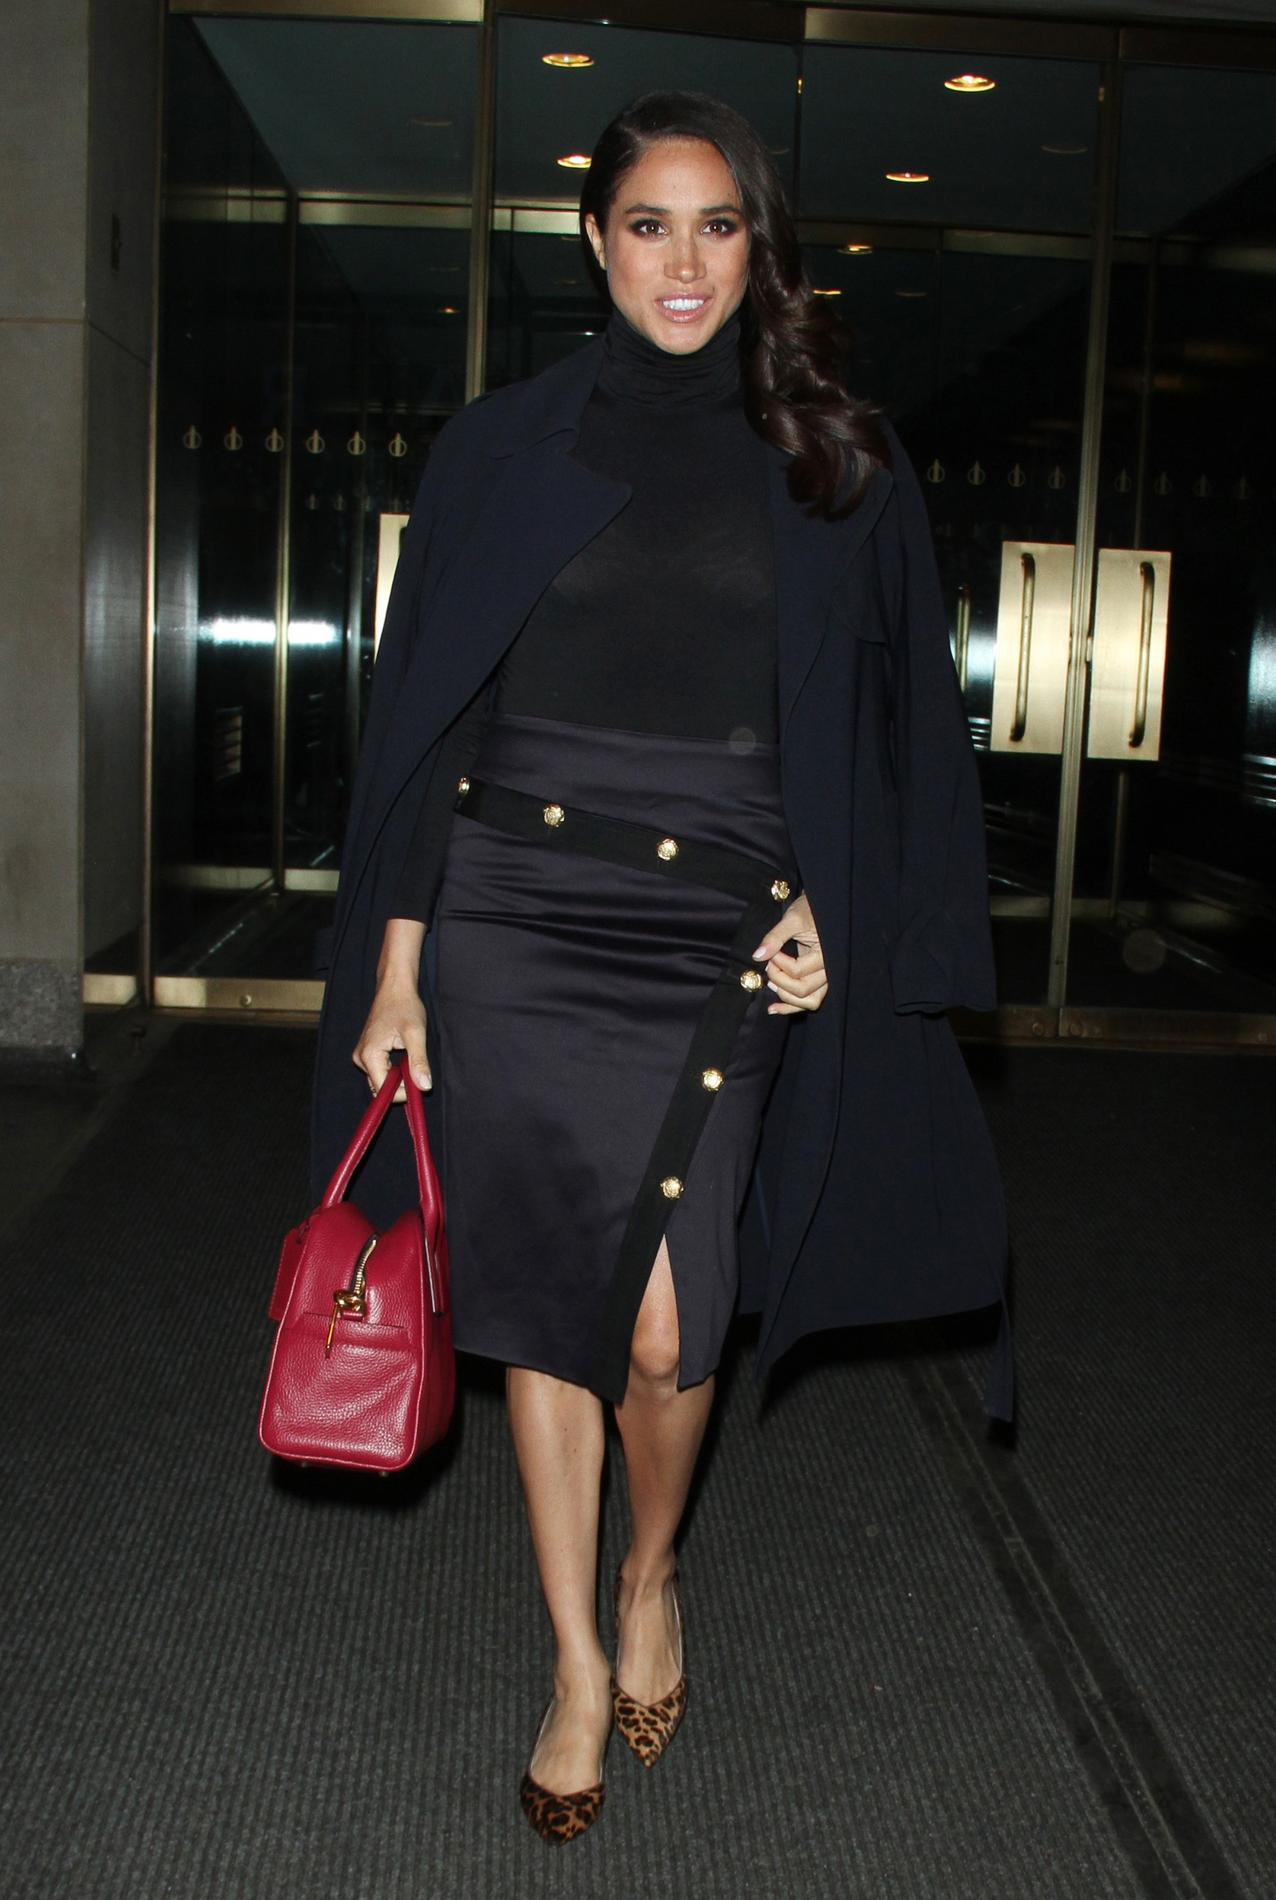 cf5d786b845 ... Meghan Markle   une Kate Middleton à l américaine - Atout cuir Meghan  Markle   une Kate Middleton à l américaine - Belle tapisserie Meghan Markle    une ...